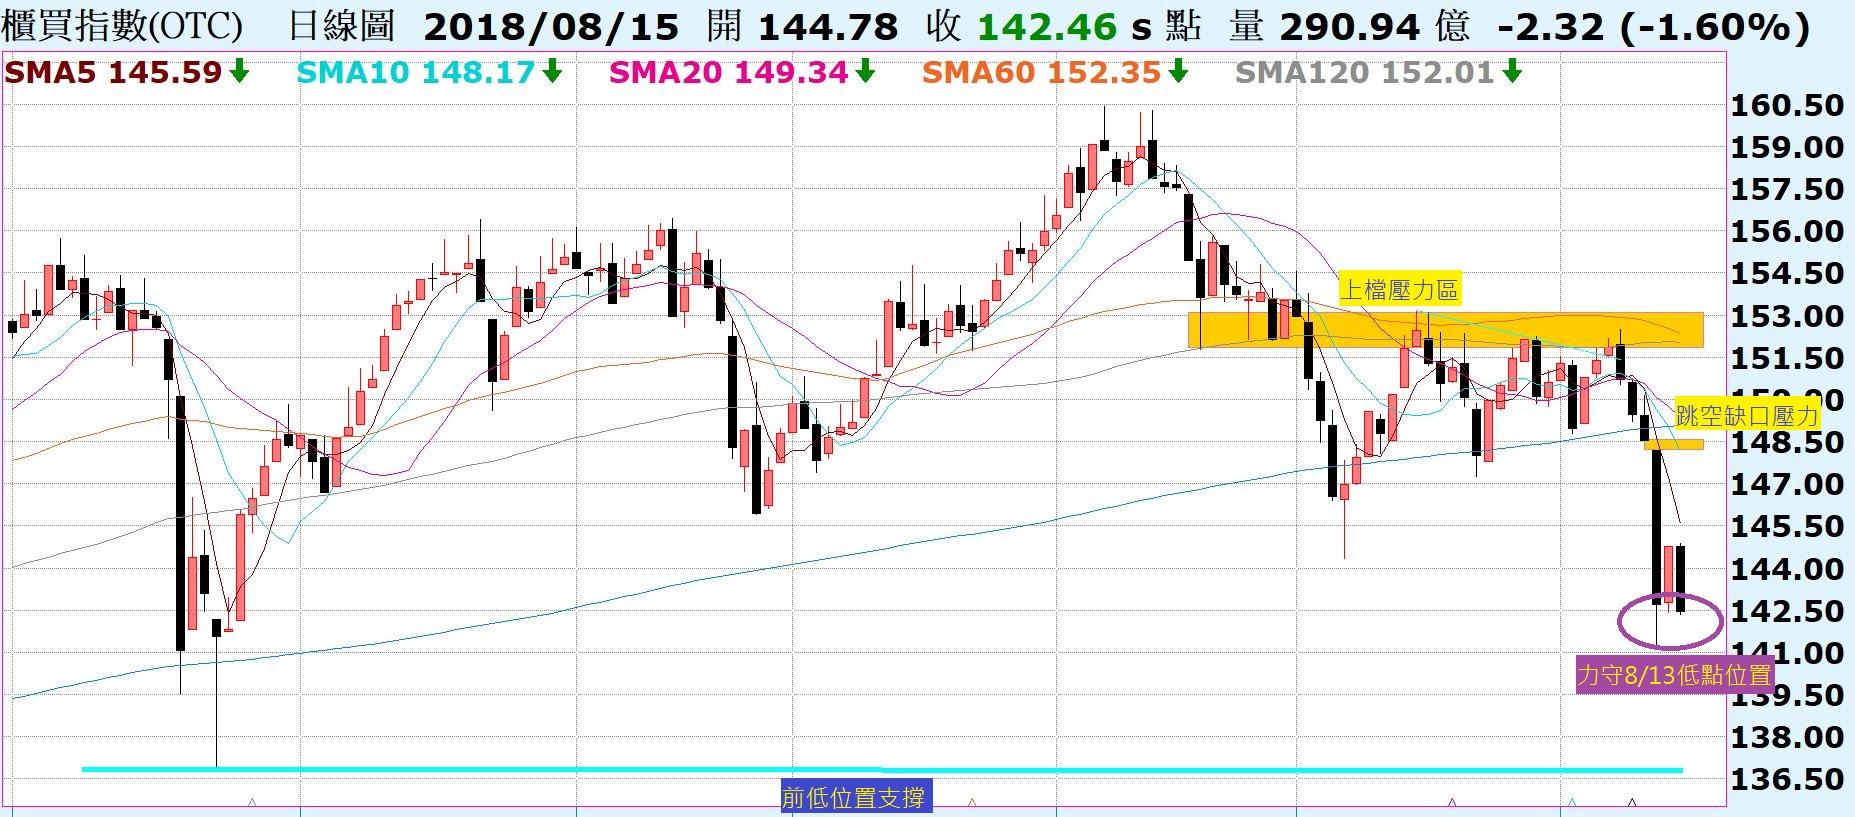 台股力守8/13黑K低點,關鍵上升趨勢線!陸股回測前低,關鍵支撐位置!_02